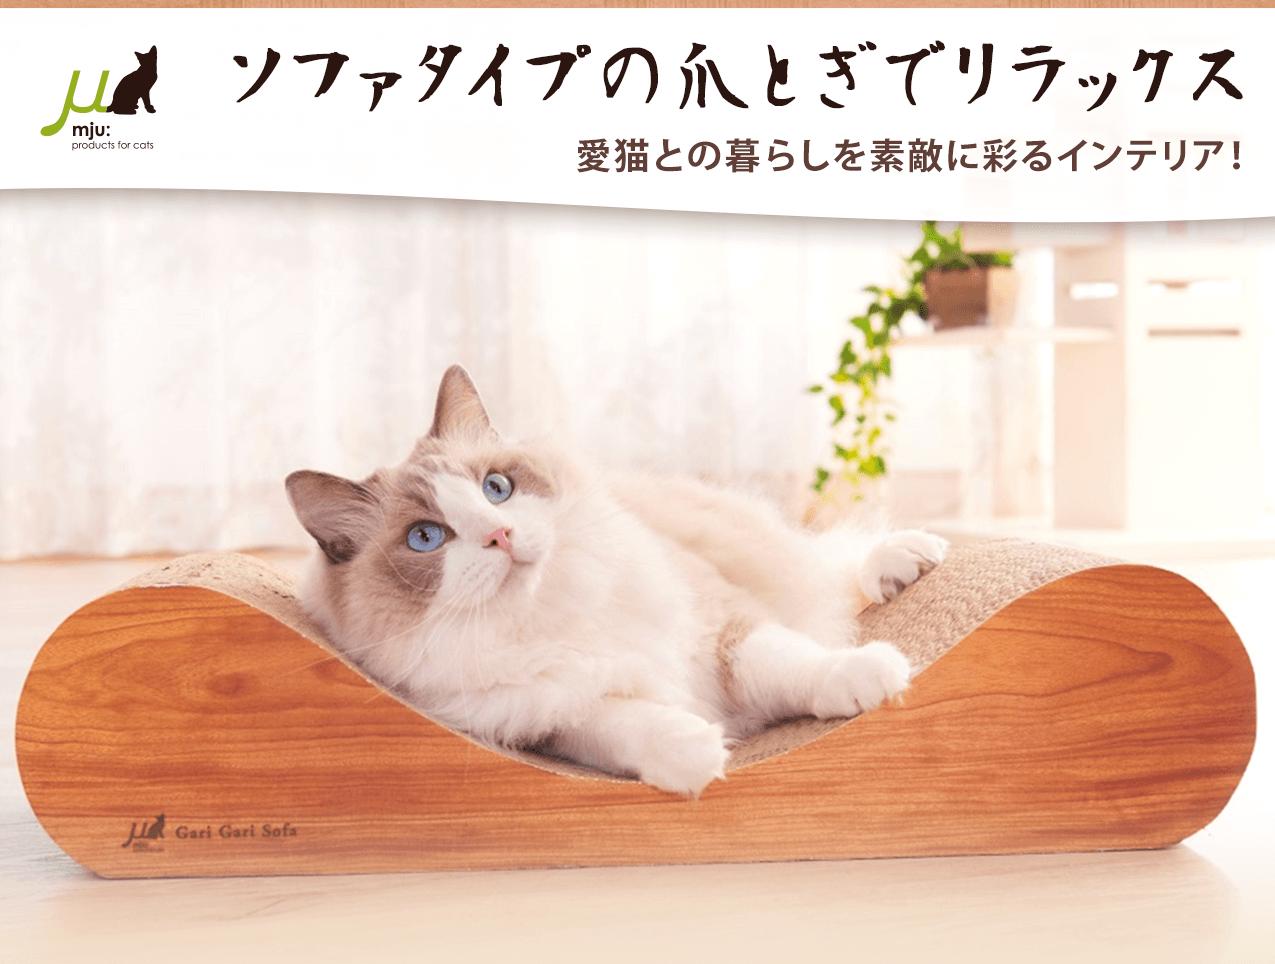 ソファタイプの爪とぎでリラックス 愛猫との暮らしを素敵に彩るインテリア!